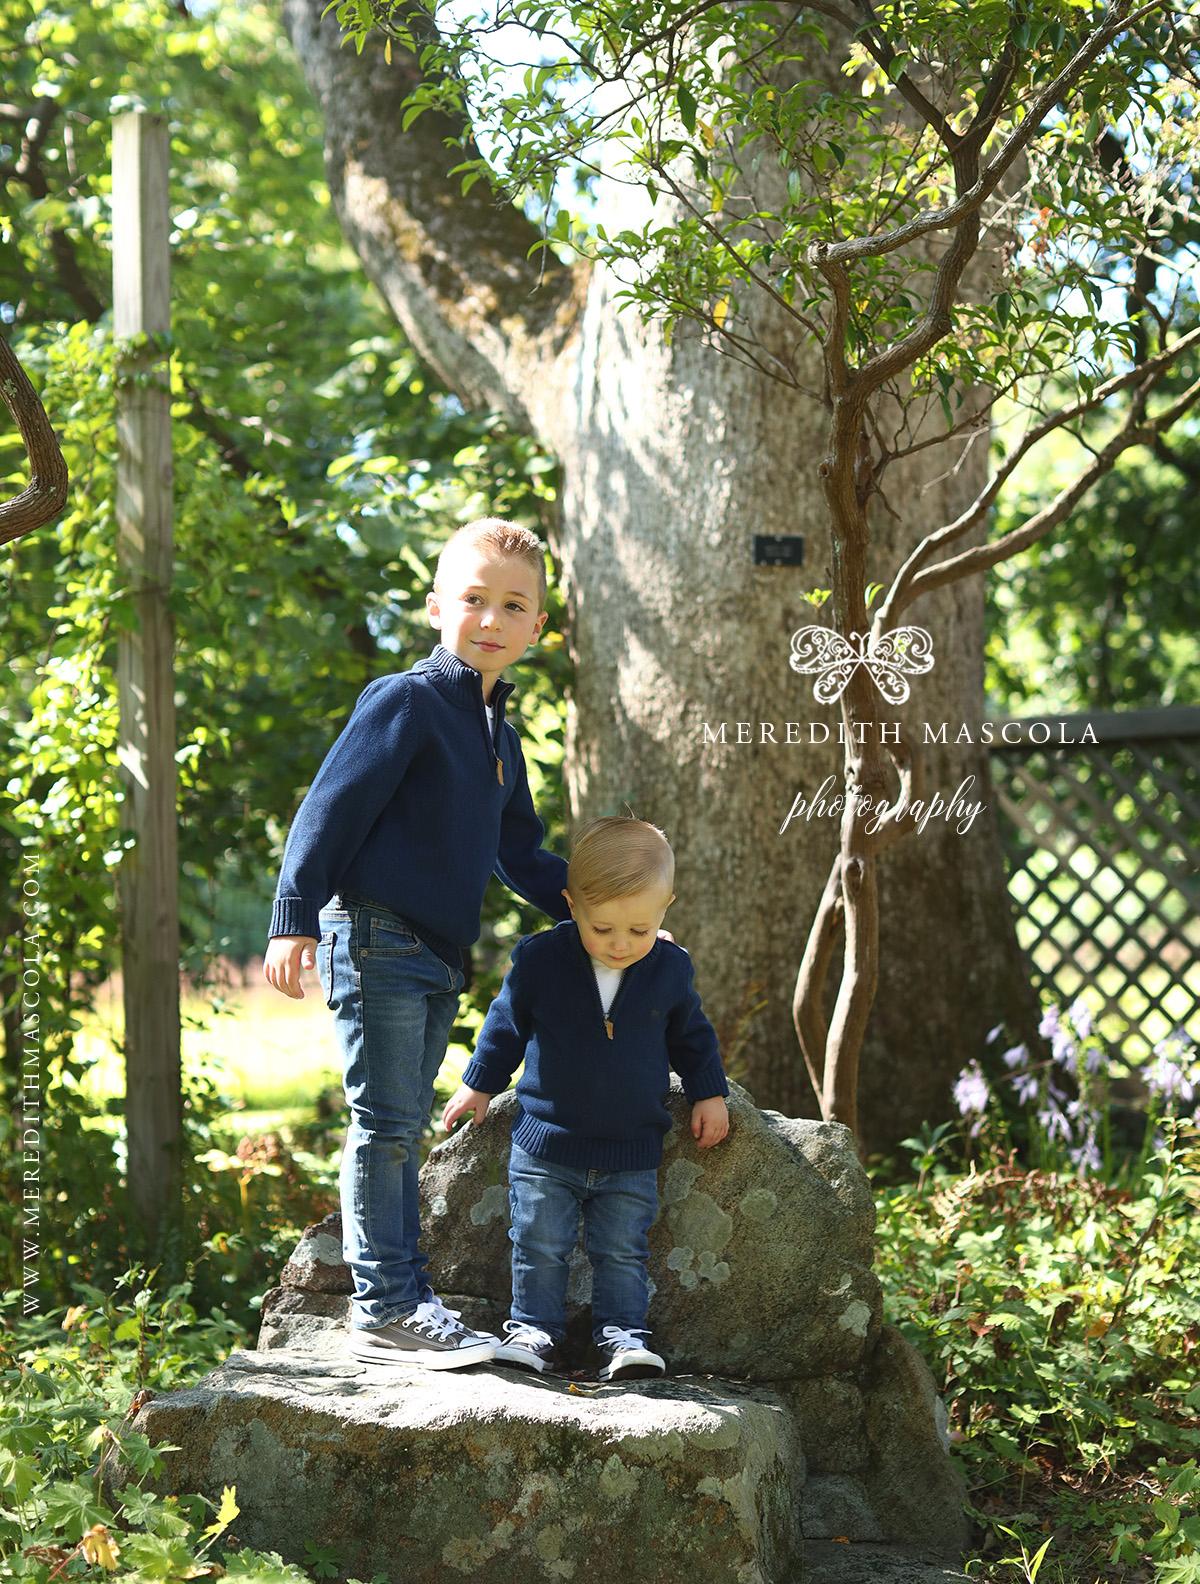 newjerseyfamilyphotographer91.jpg